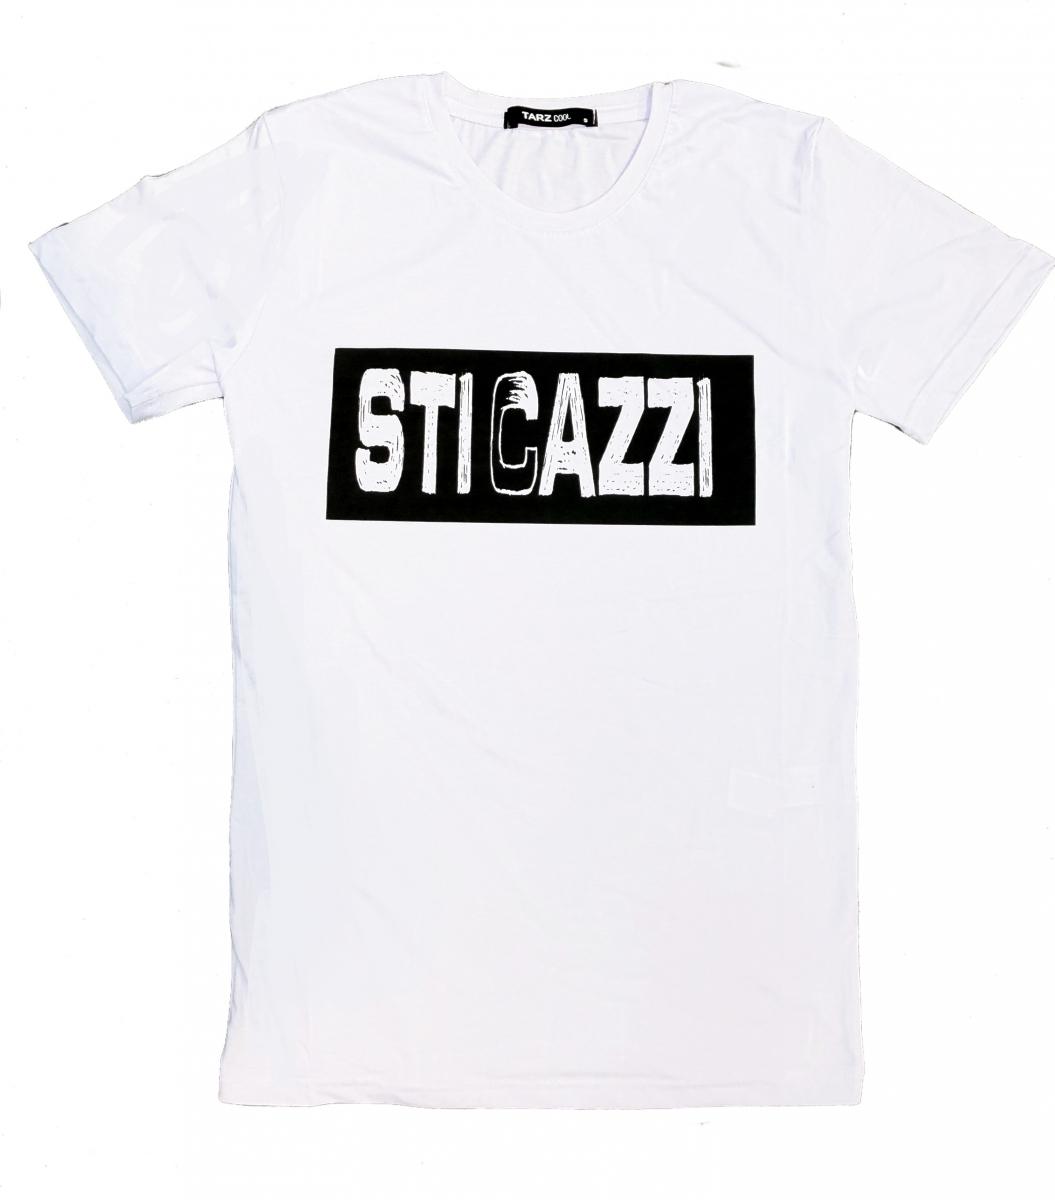 info for db748 f5f55 T shirt uomo - Maglietta bianca con Scritta divertente - T shirt sti cazzi